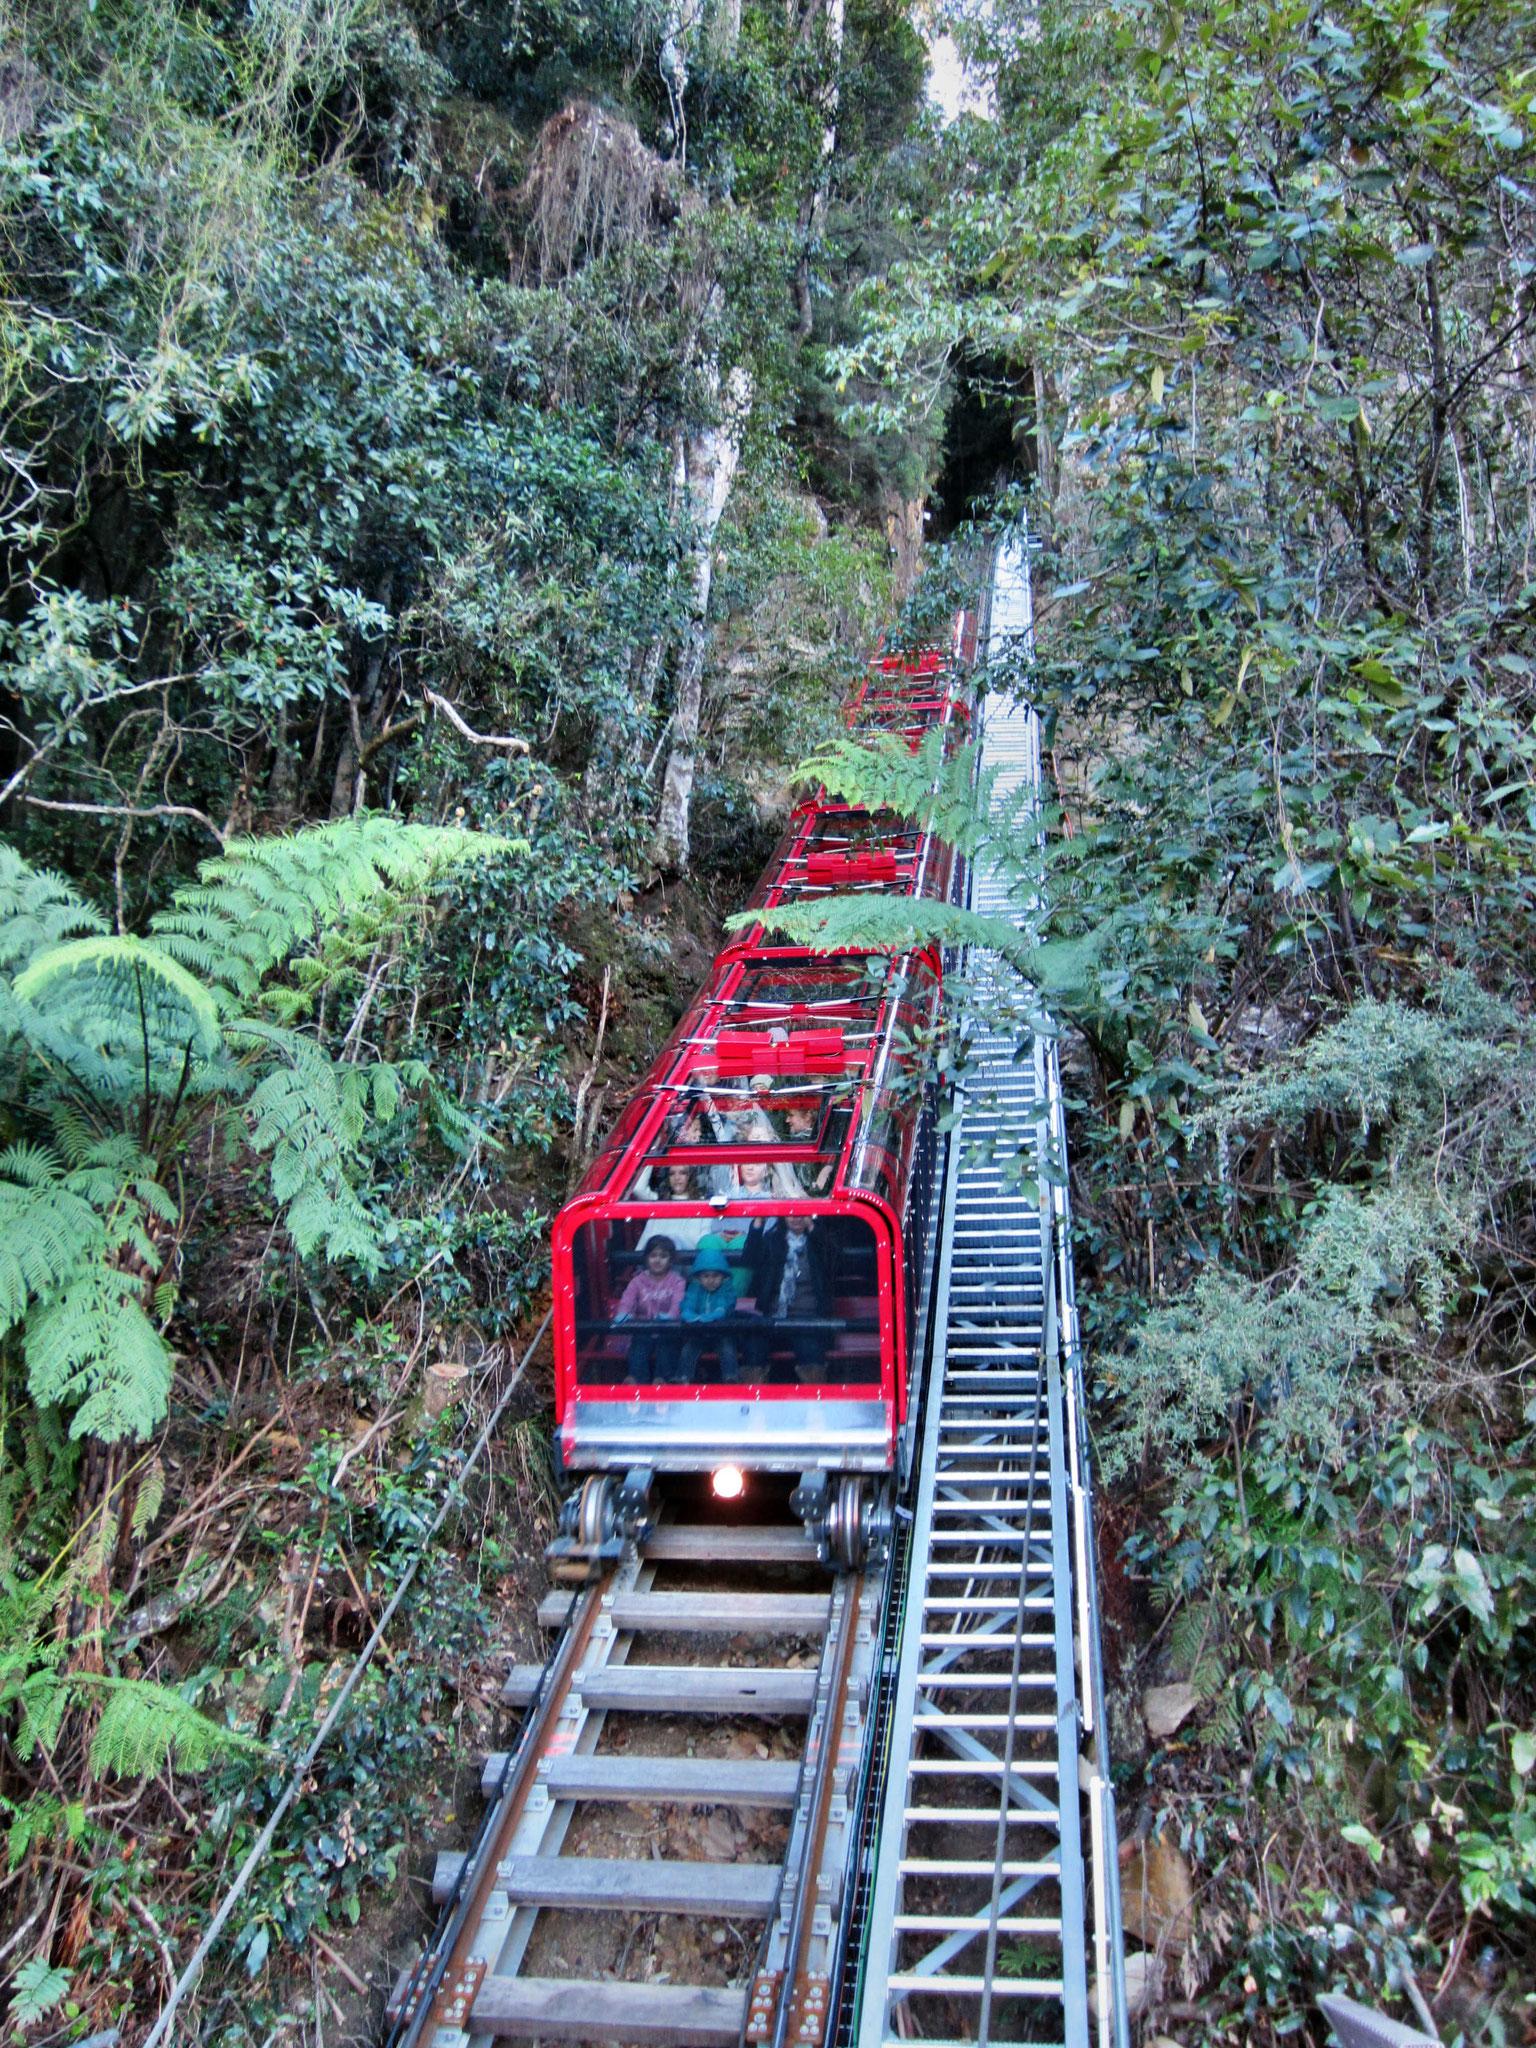 Katoomba Scenic Railway - mit 52° die steilste Bahn der Welt